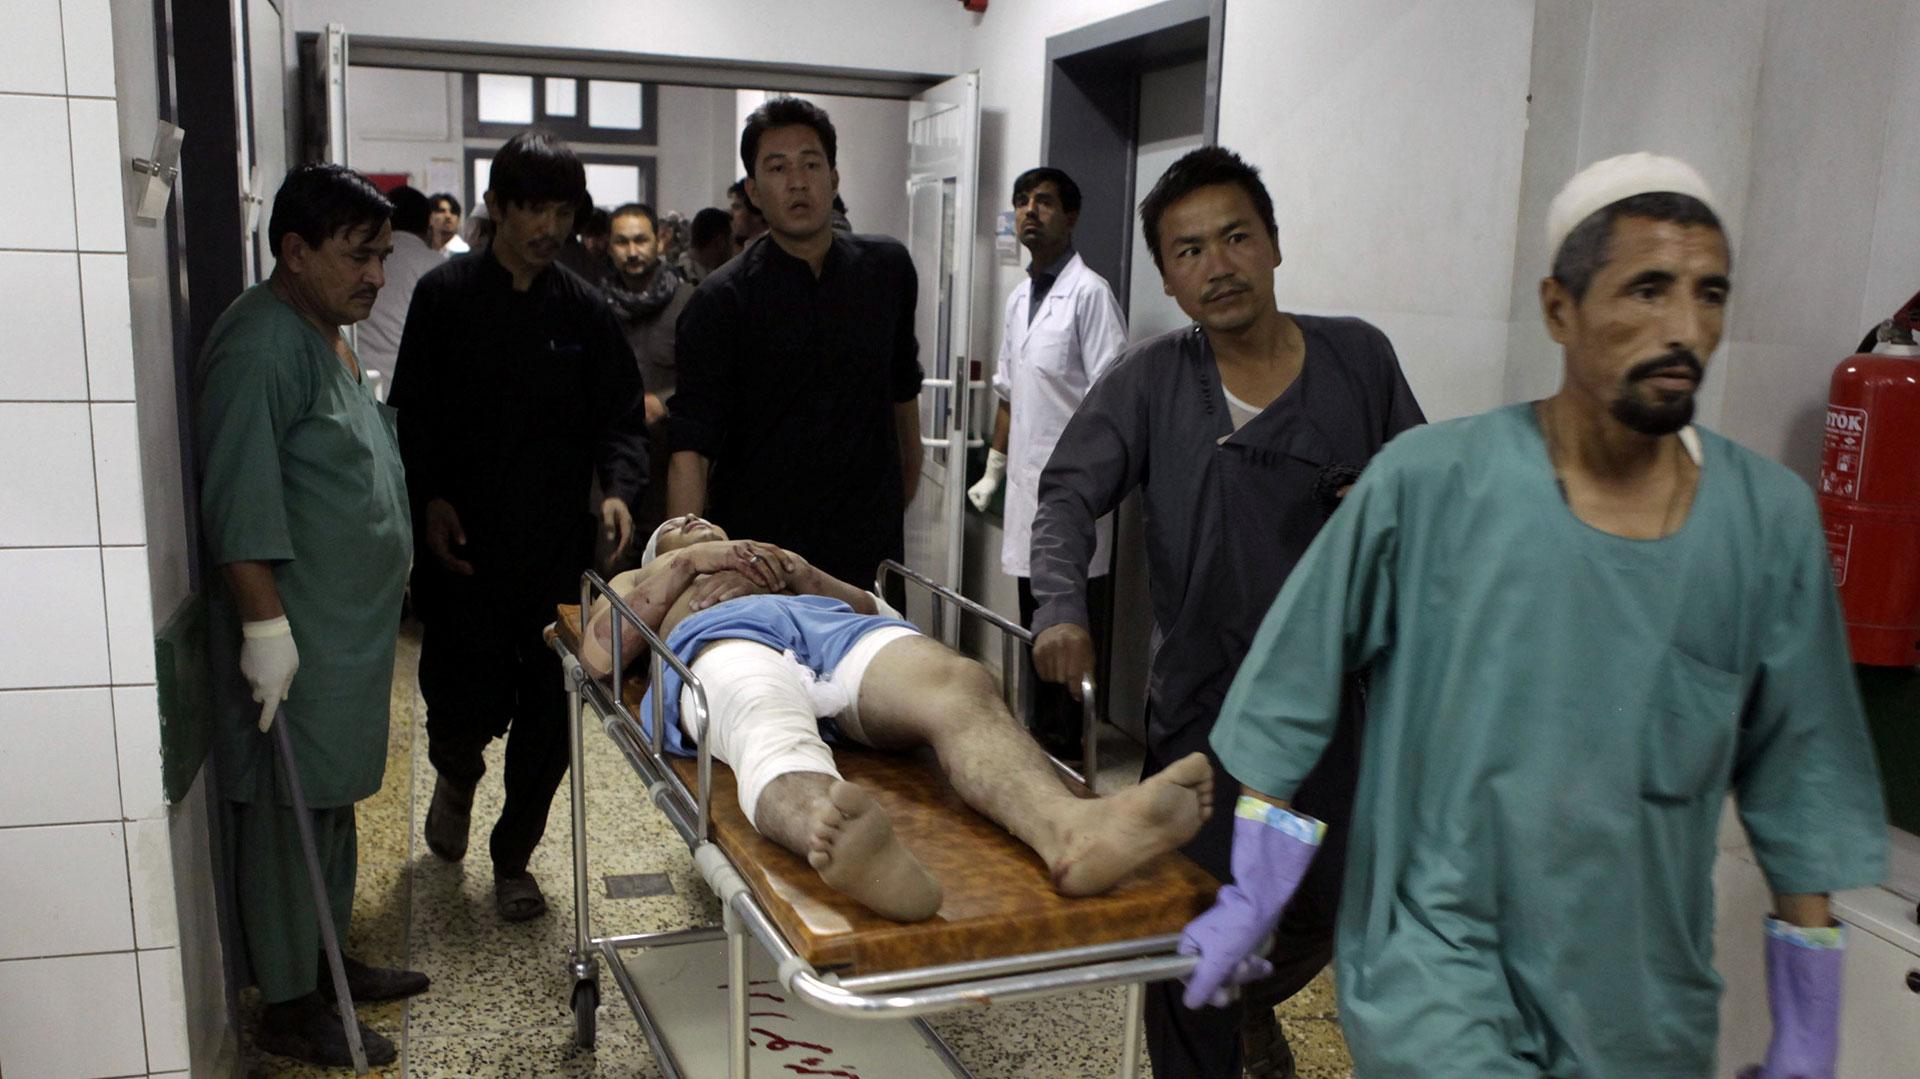 Un herido en el hospital tras un ataque terrorista (Reuters)